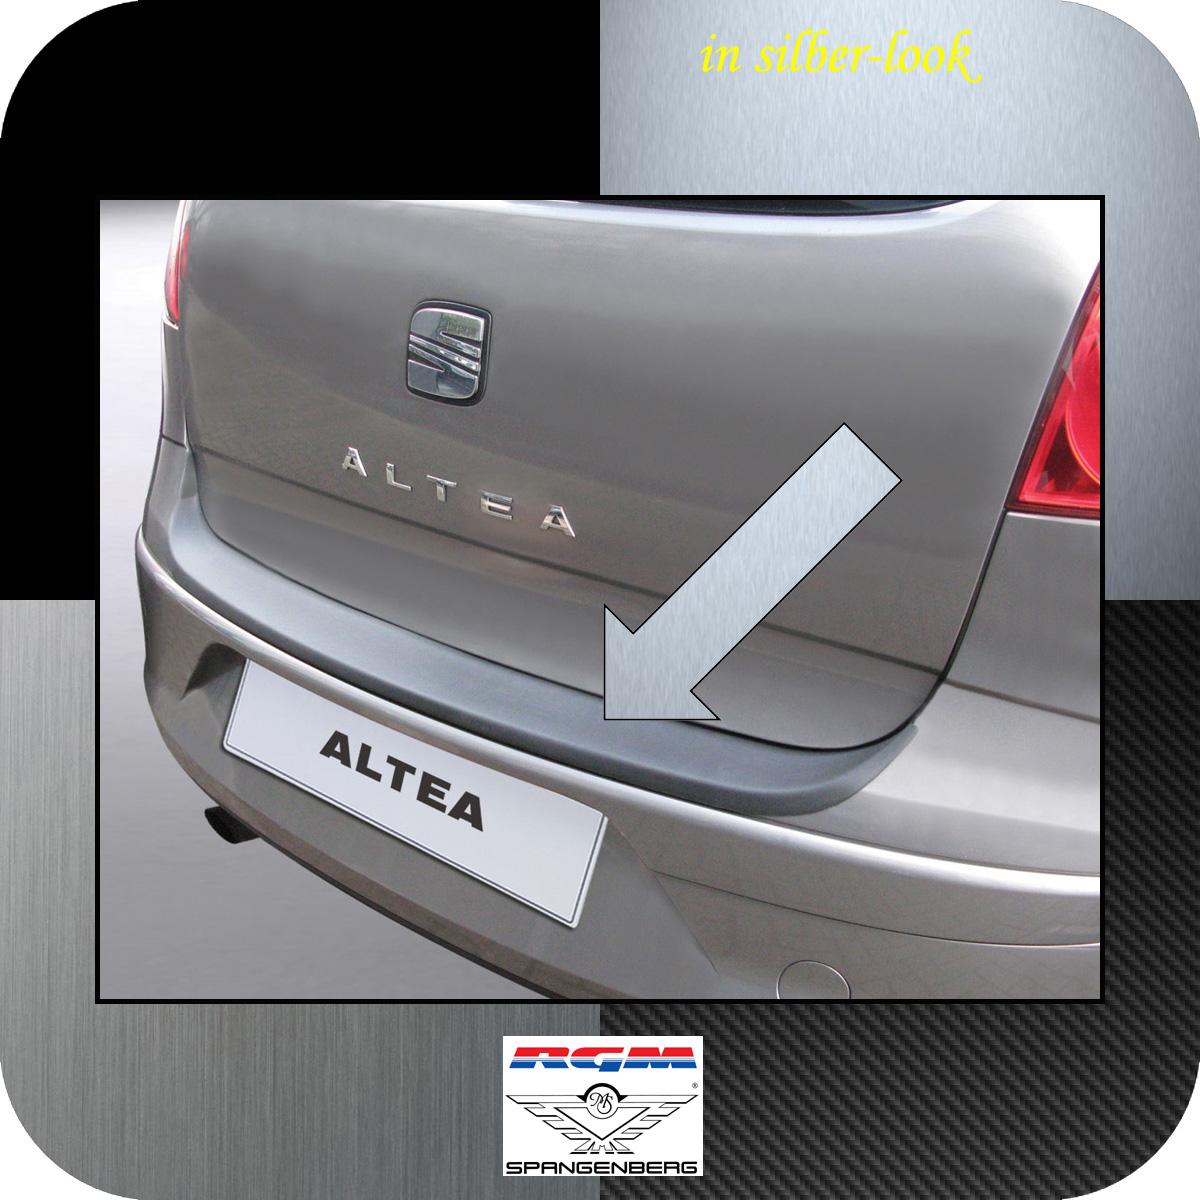 Ladekantenschutz Silber-Look Seat Altea Van Kombi vor facelift 2004-2009 3506273